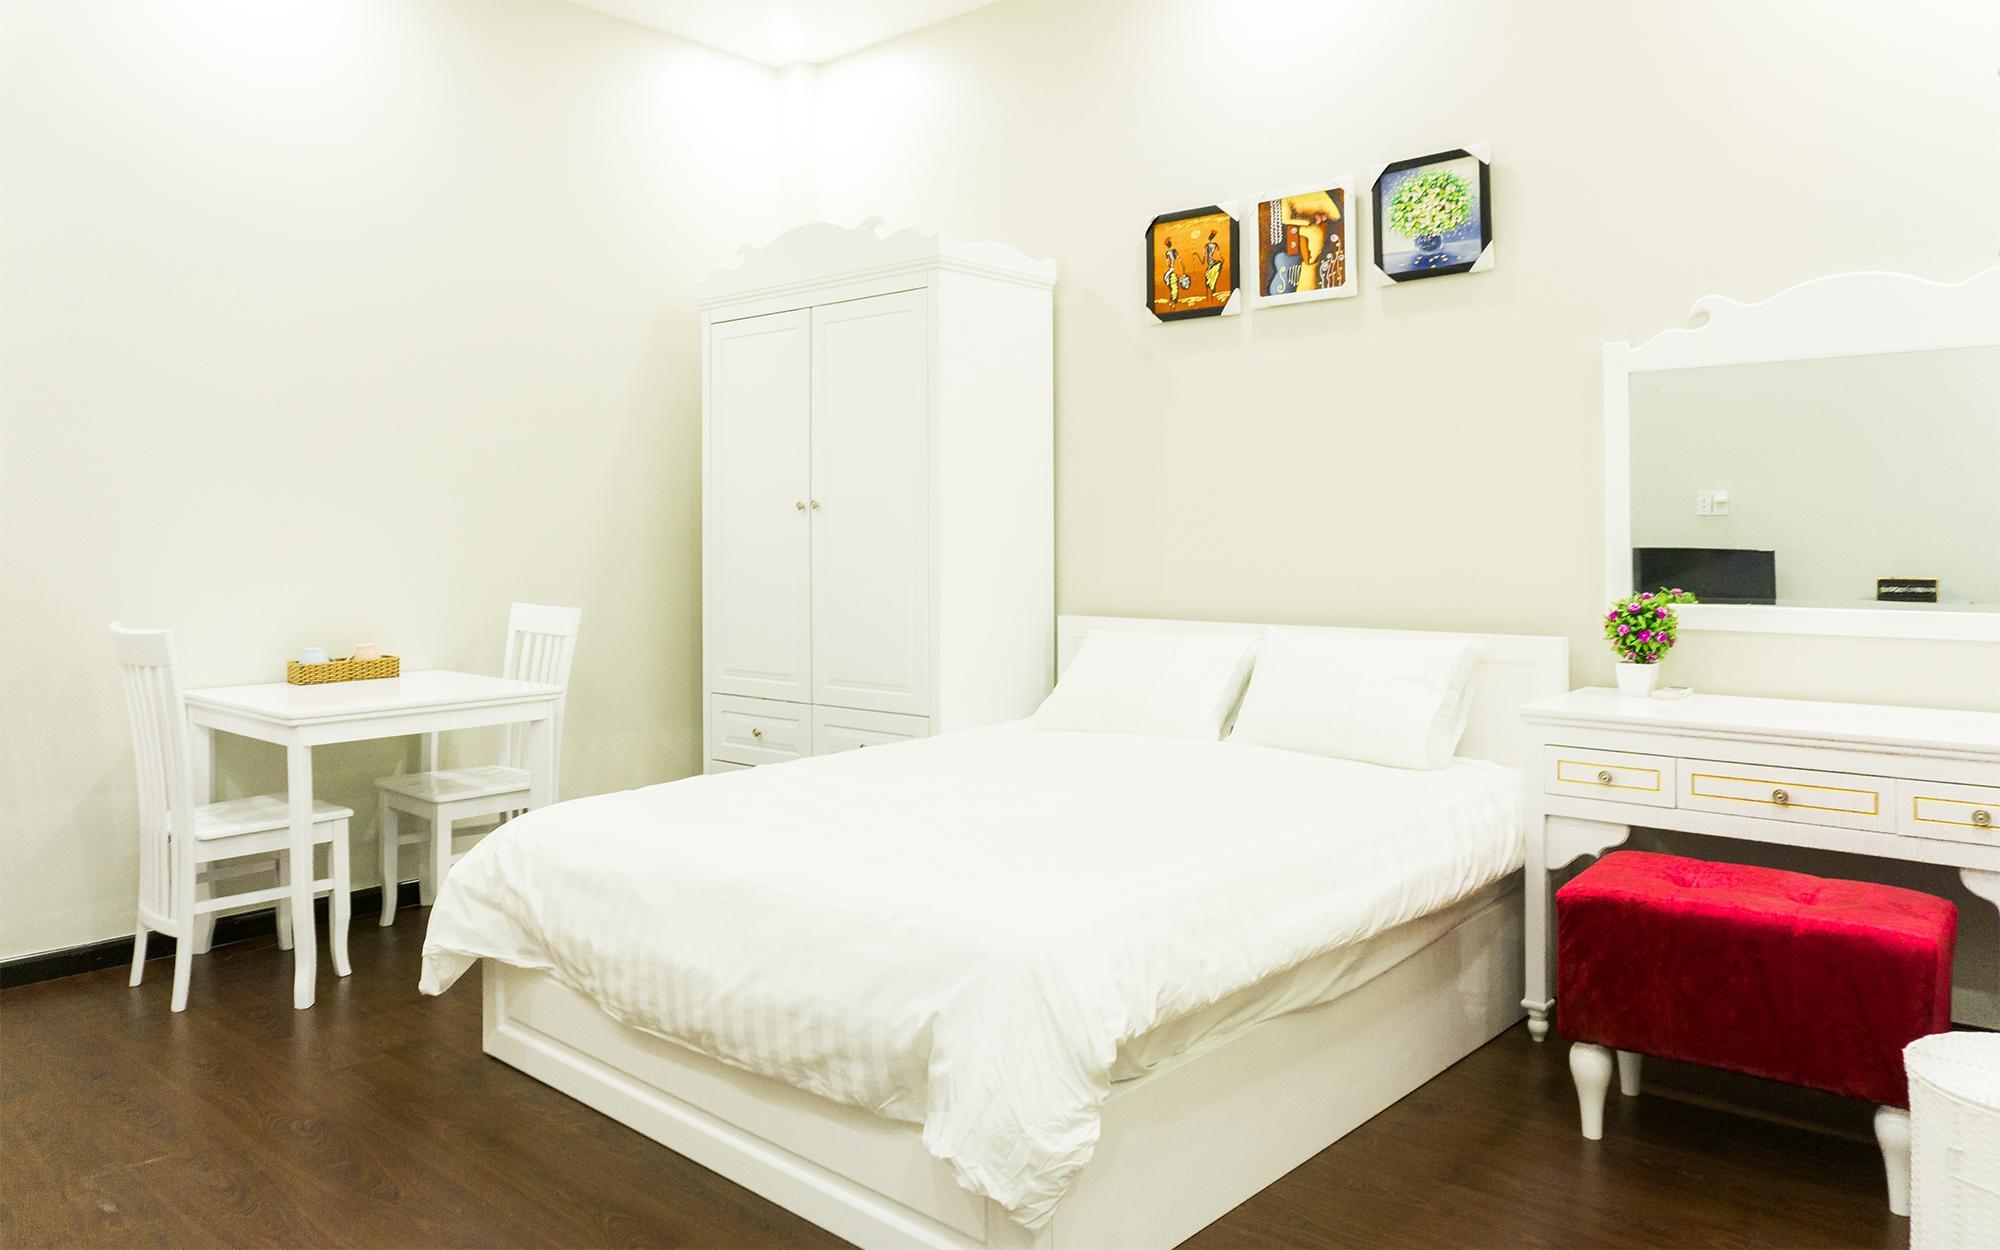 Qhome Saigon Nguyen Huu Canh Studio